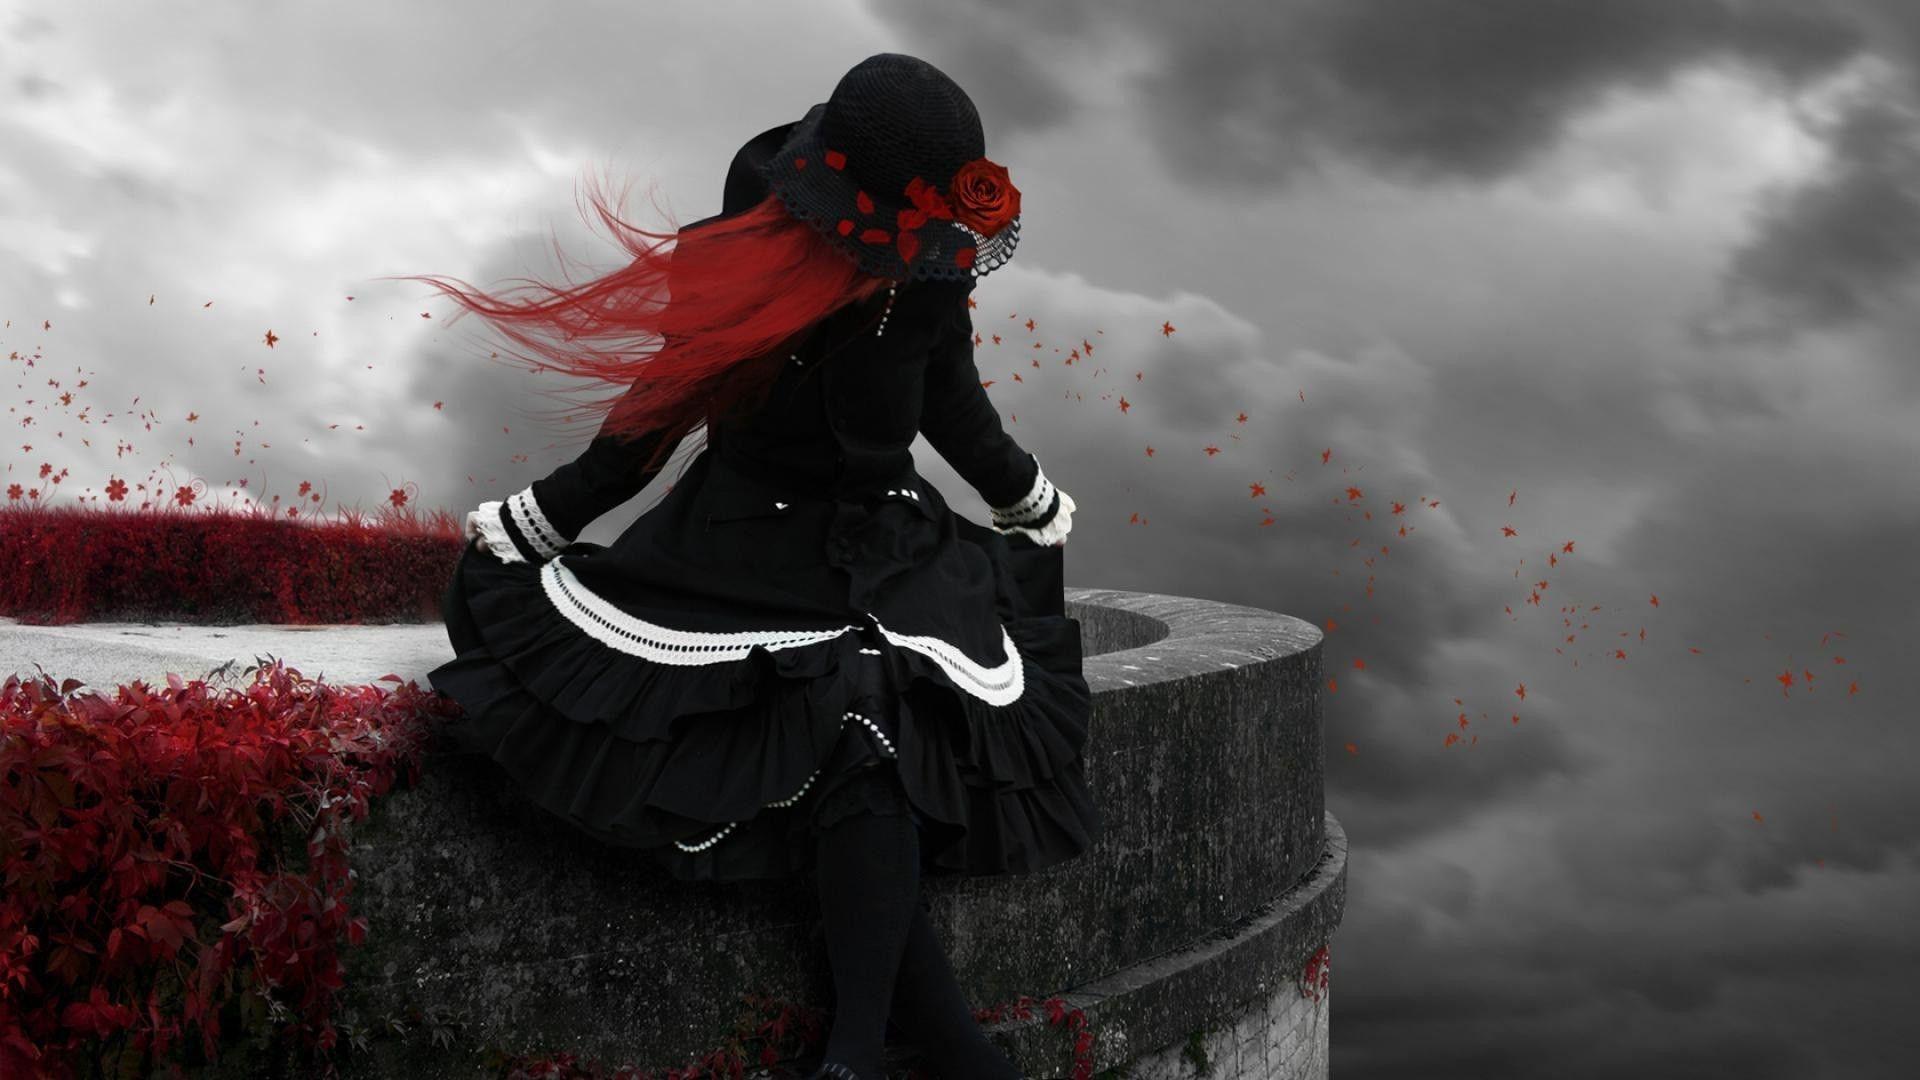 Dead Rose Full HD Wallpaper